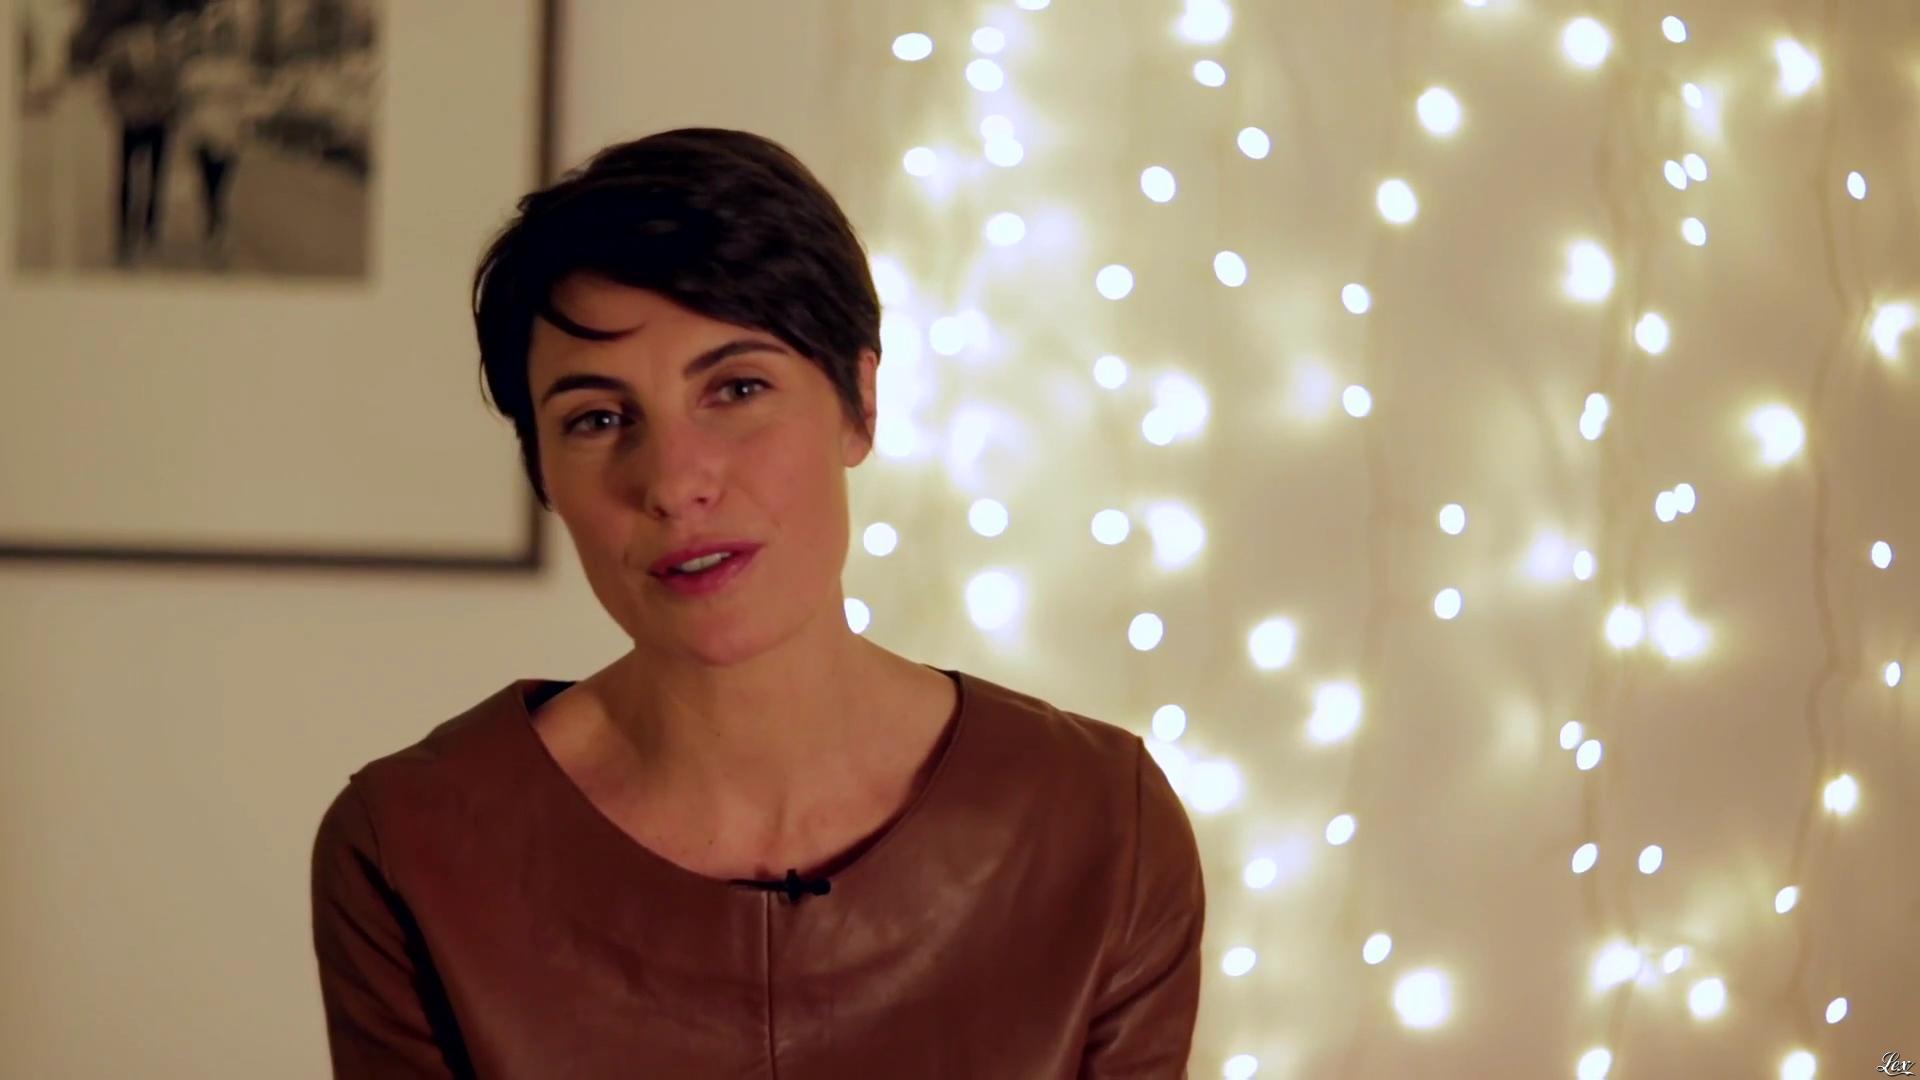 Alessandra Sublet dans un Spot pour la Sécurité Routière. Diffusé à la télévision le 22/12/16.